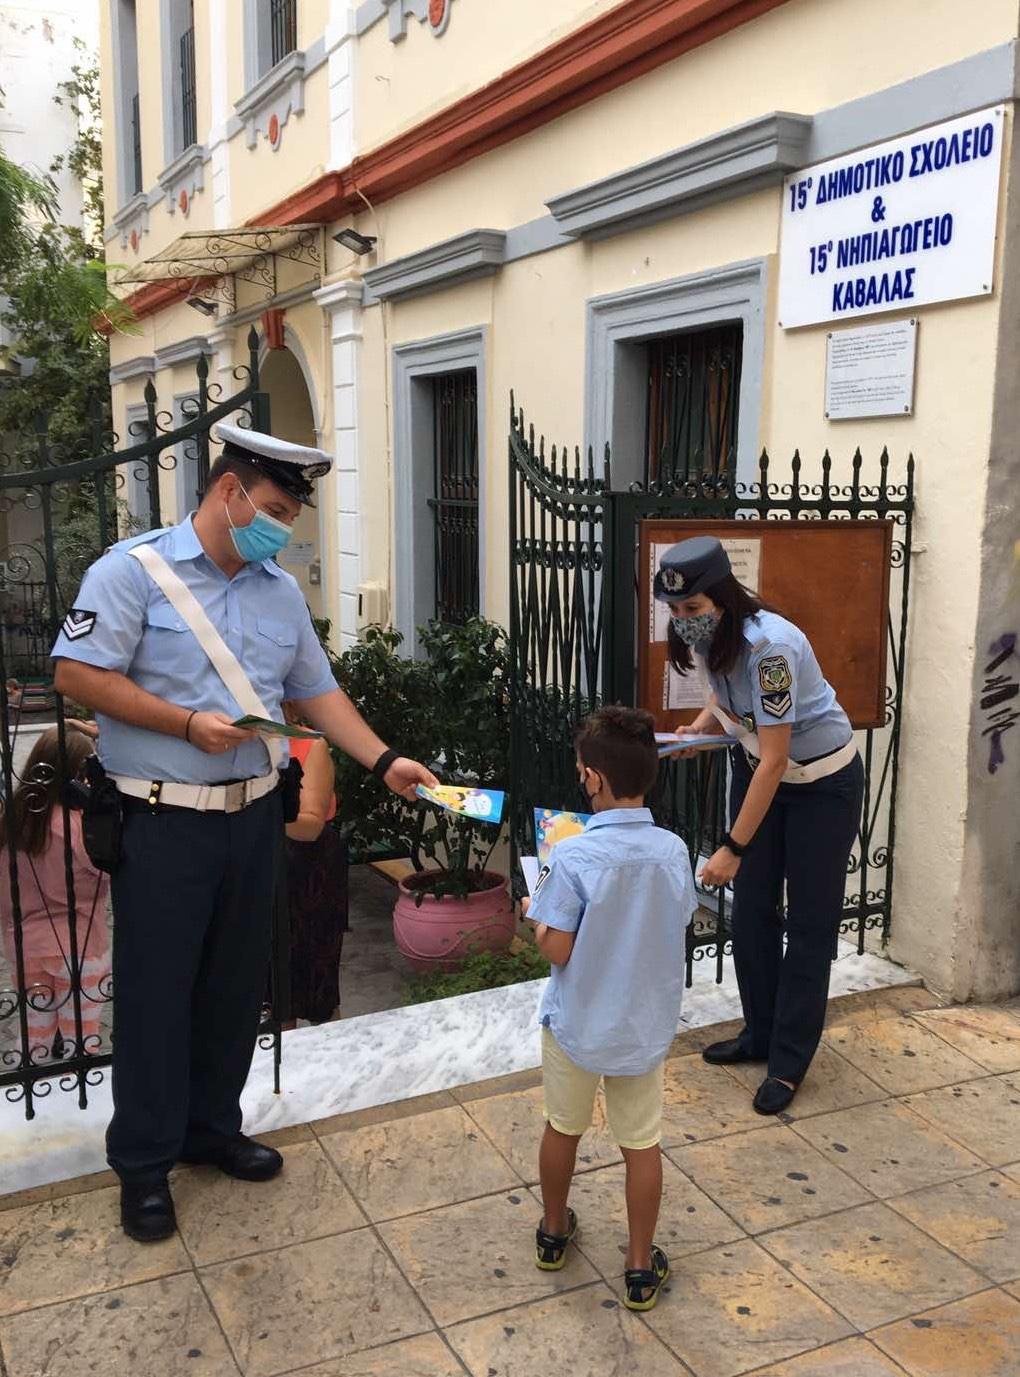 Η-Ελληνική-Αστυνομία-βρέθηκε-σήμερα-στα-δημοτικά-σχολεία-της-Ανατολικής-Μακεδονίας-και-της-Θράκης